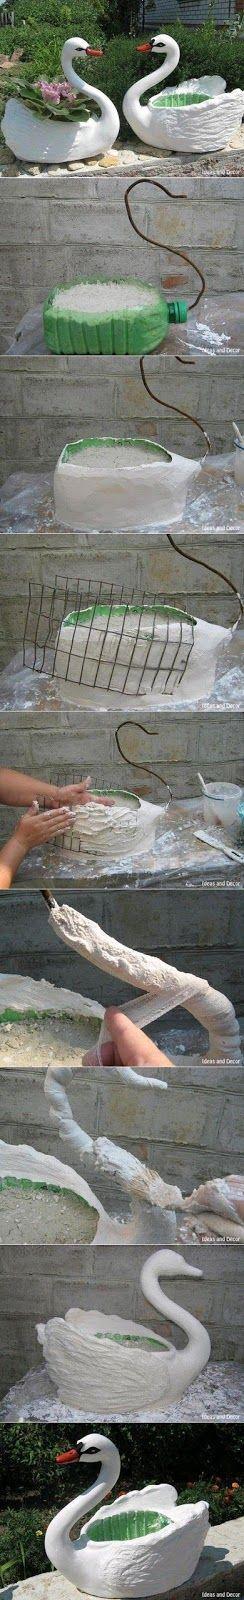 Cisne feito de garrafa pet que interesante!!! parece fácil!!!